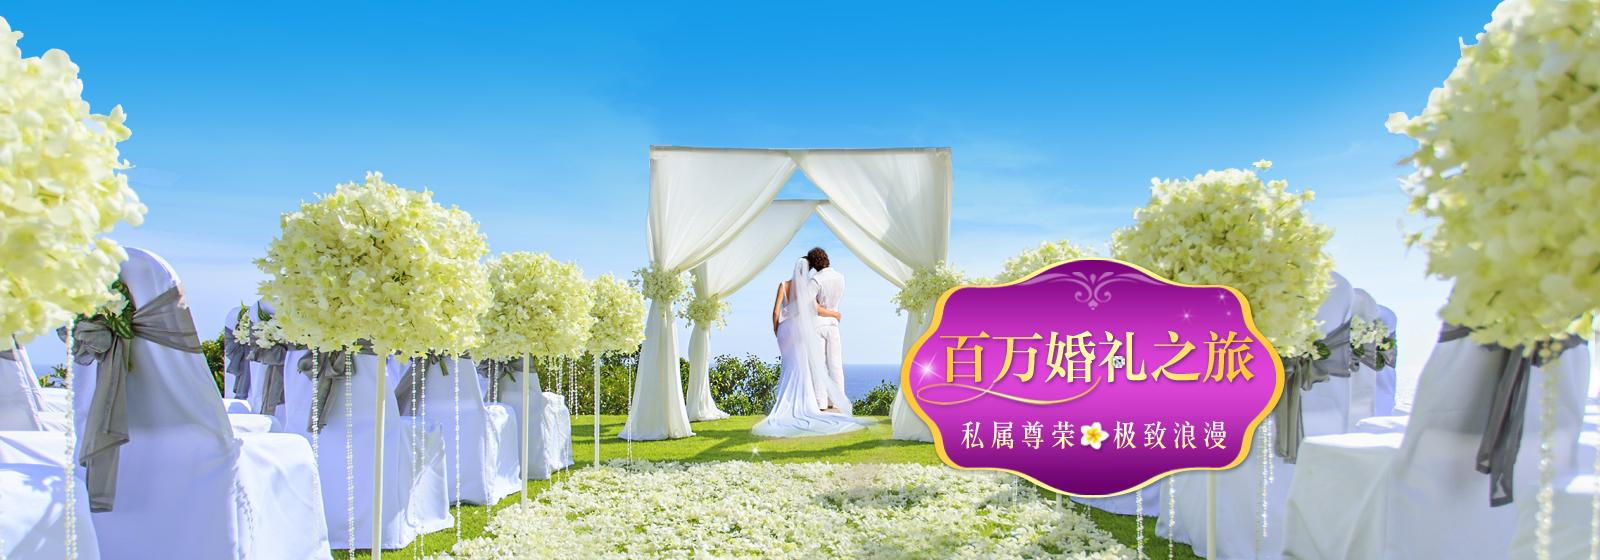 百万婚礼之旅 私属尊荣 极致浪漫